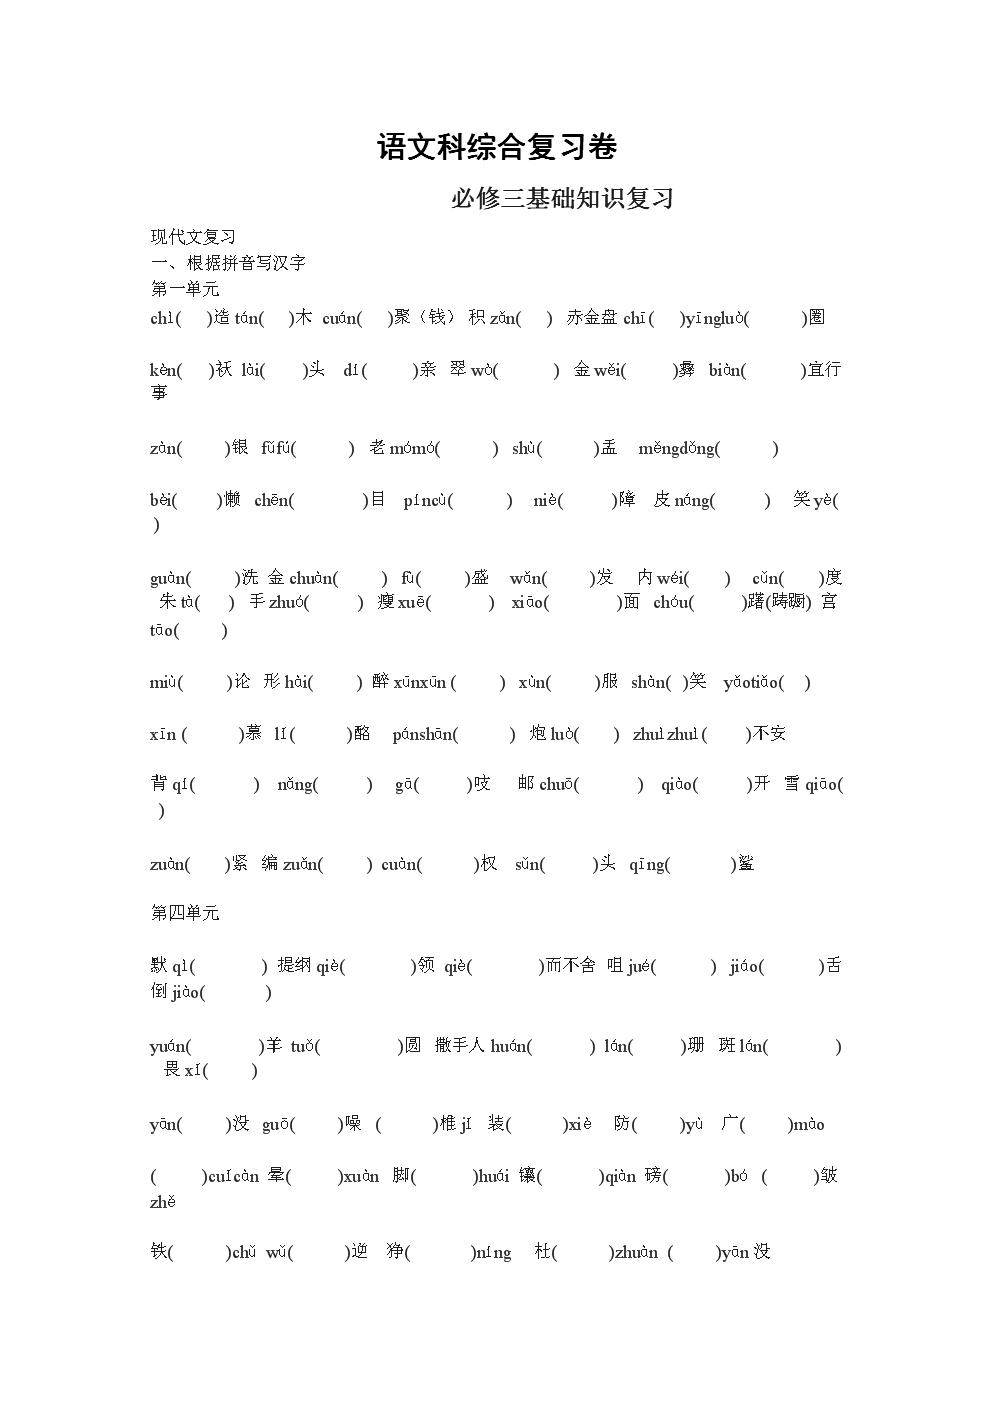 语文切线v语文3基础知识复习题.doc高中高中安溪2017图片